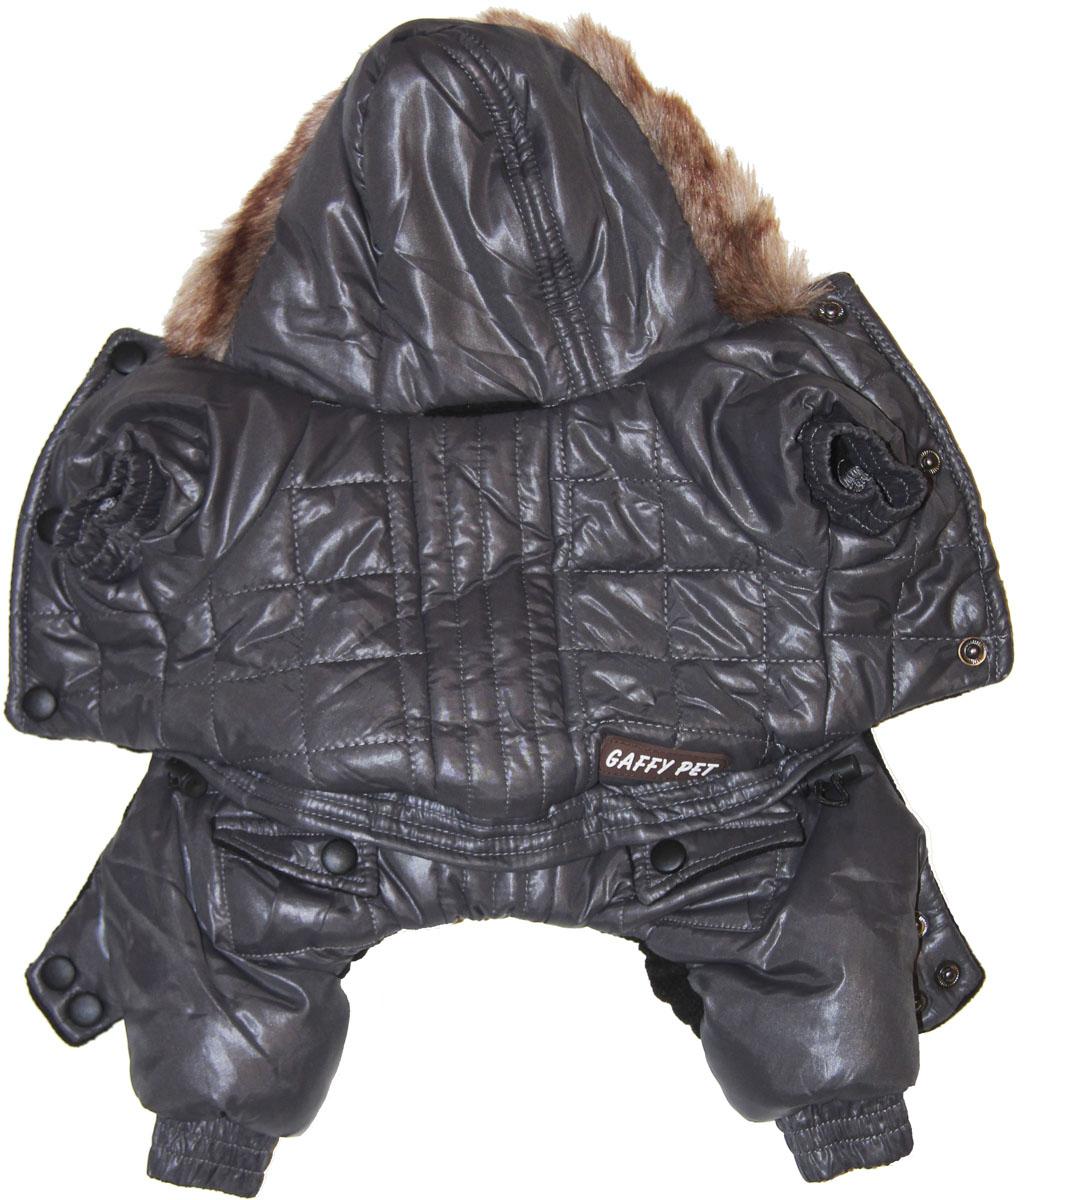 Комбинезон для собак Gaffy Pet Charcoal, зимний, для мальчика, цвет: черный. Размер XS11012 XSКомбинезон для собак Gaffy Pet Charcoal отлично подойдет на зиму. Капюшон отделан мехом. На стыке капюшона и спинки есть отверстие для поводка.Живот почти полностью закрыт, кроме необходимых для прогулок отверстий.На животе комбинезон фиксируется с помощью кнопок, а в нижней части живота есть 2 ряда кнопок для того, чтобы комбинезон точно сел по фигуре.Дополнительно комбинезон снабжен резинками на рукавах и штанинах для лучшей защиты от снега и холода. Кроме того, в поясе есть дополнительная резинка с фиксатором для лучшего облегания.Данные модели комбинезонов с закрытым животом были запатентованы как полезная модель. Патент # 2014125392.Обхват шеи: 20 см.Обхват груди: 35 см.Длина спины: 22 см.Одежда для собак: нужна ли она и как её выбрать. Статья OZON Гид